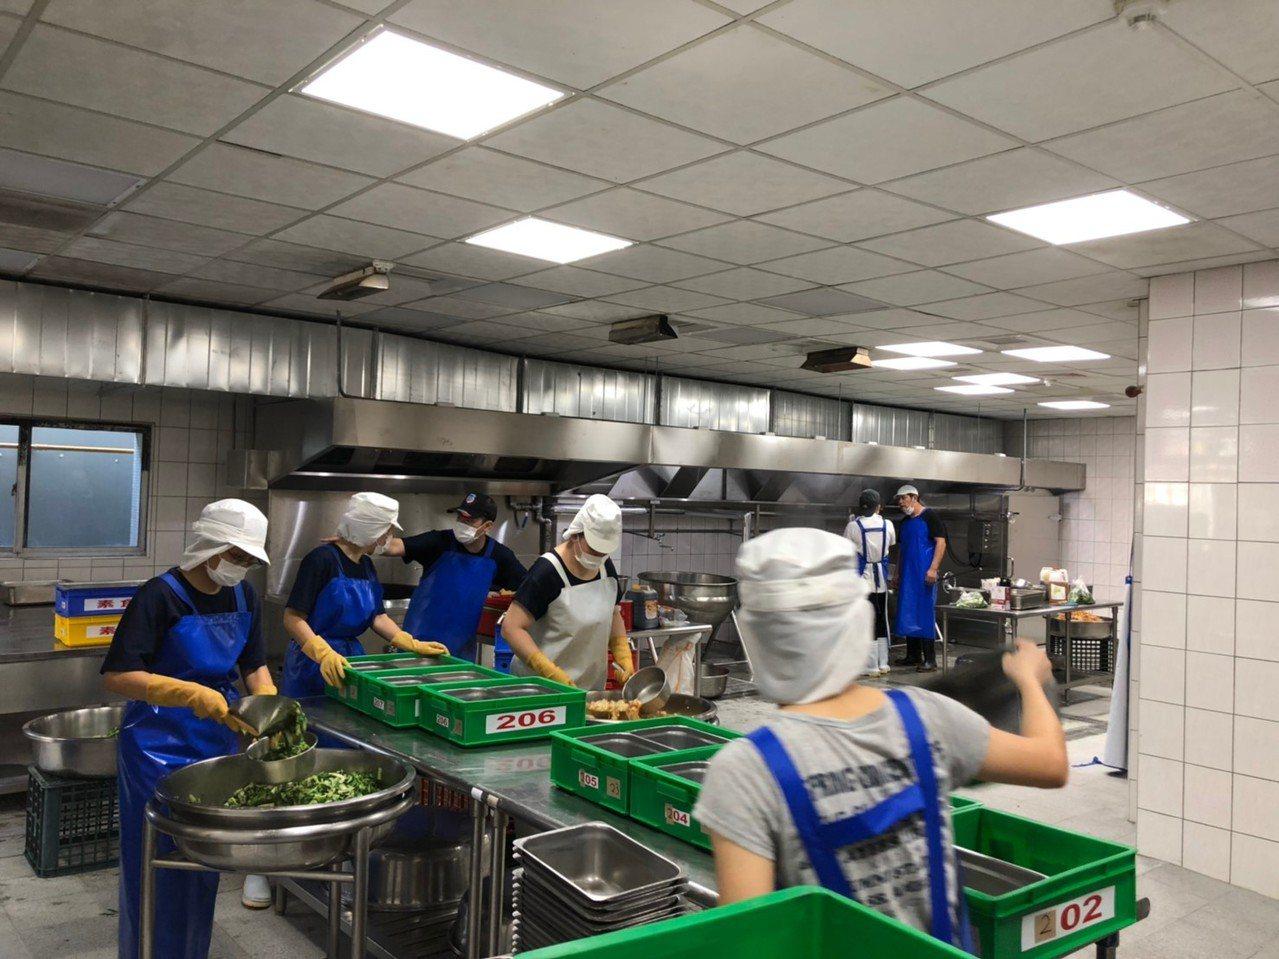 教育部國教署持續補助學校改善校園廚房環境,提升衛生條件,讓學生吃得更安心與健康。...